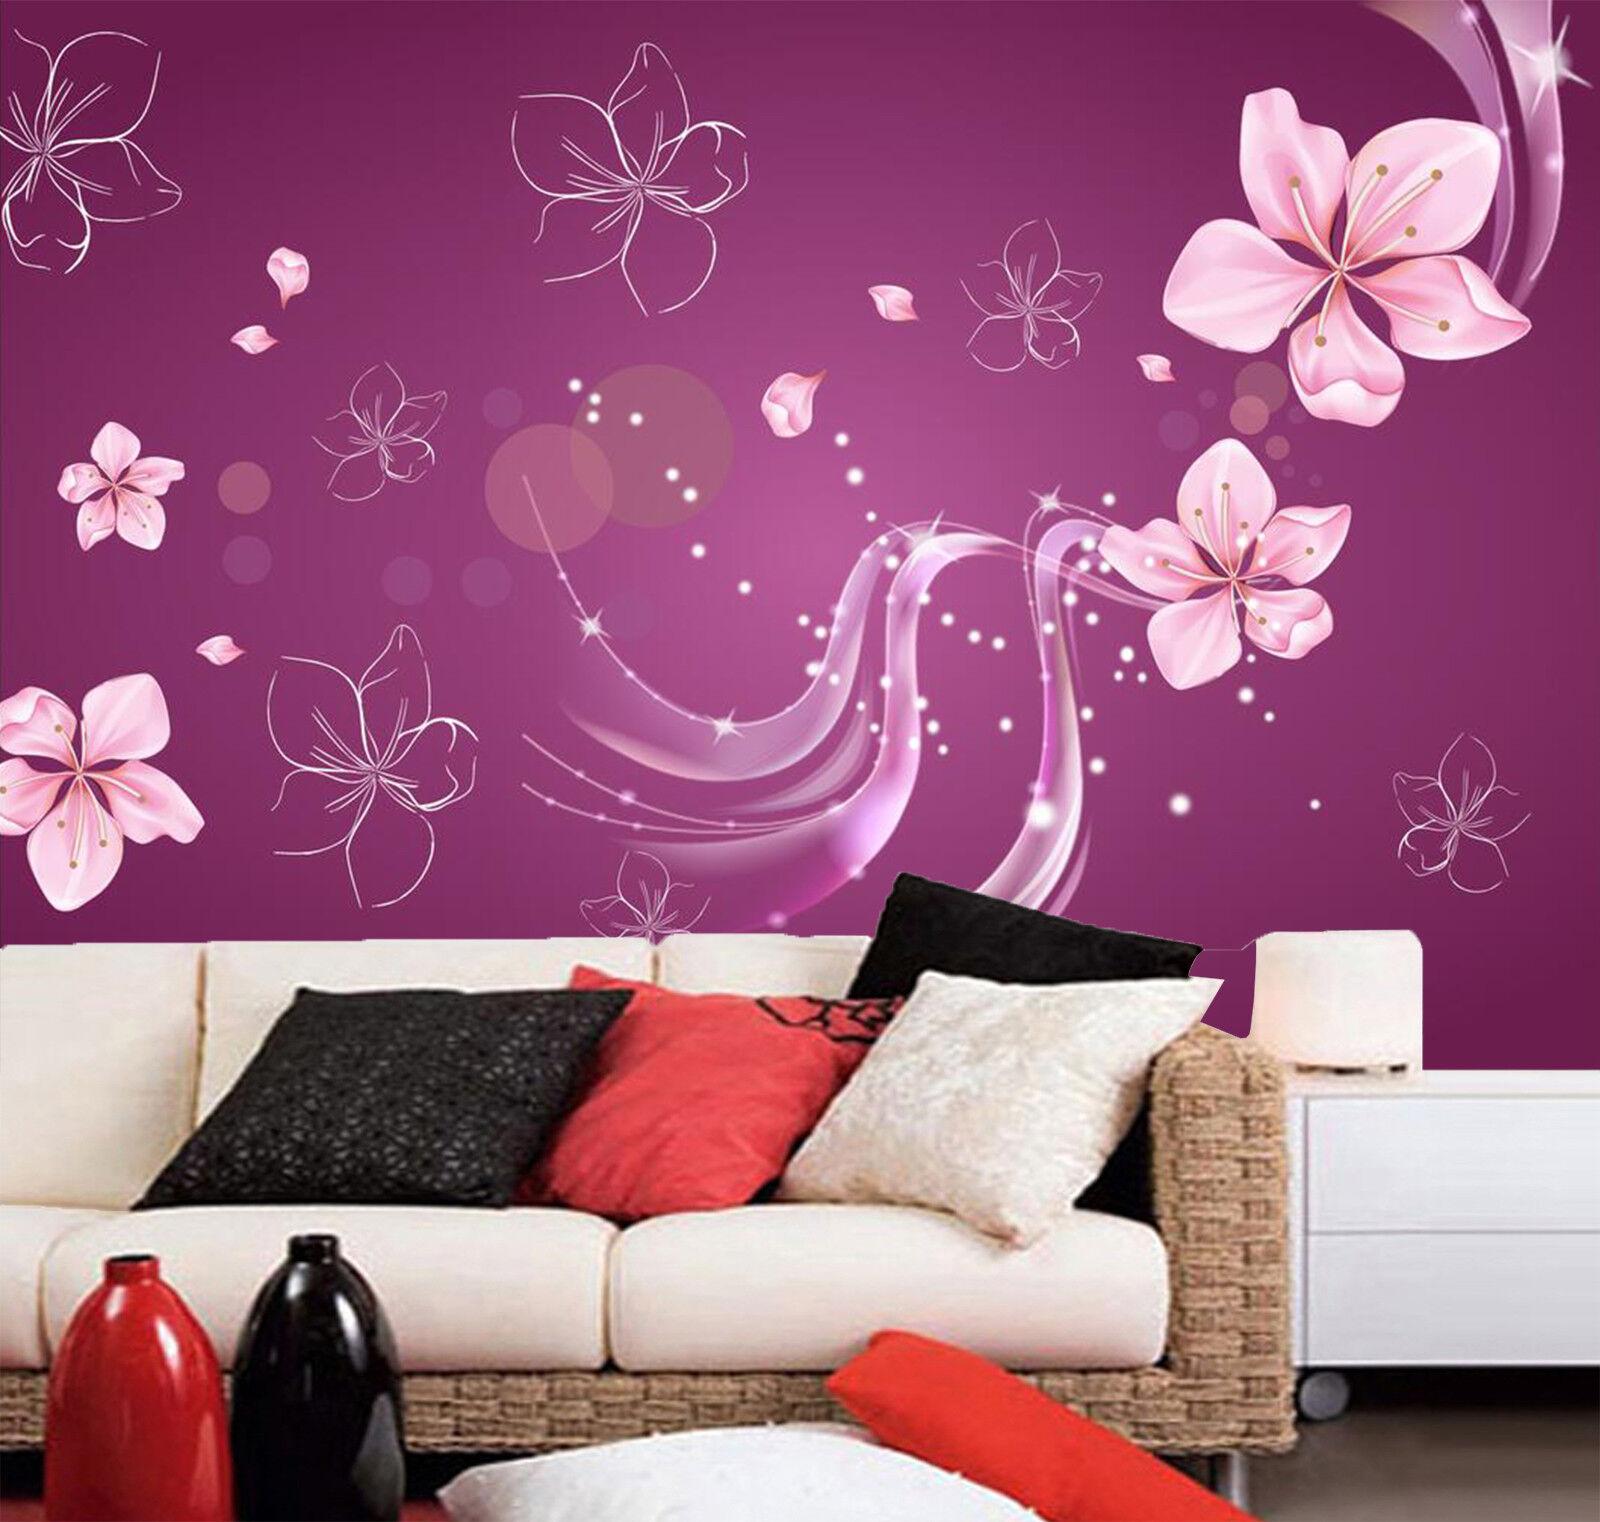 3D Flower Floral 7411 Wallpaper Mural Wall Print Wall Wallpaper Murals US Summer